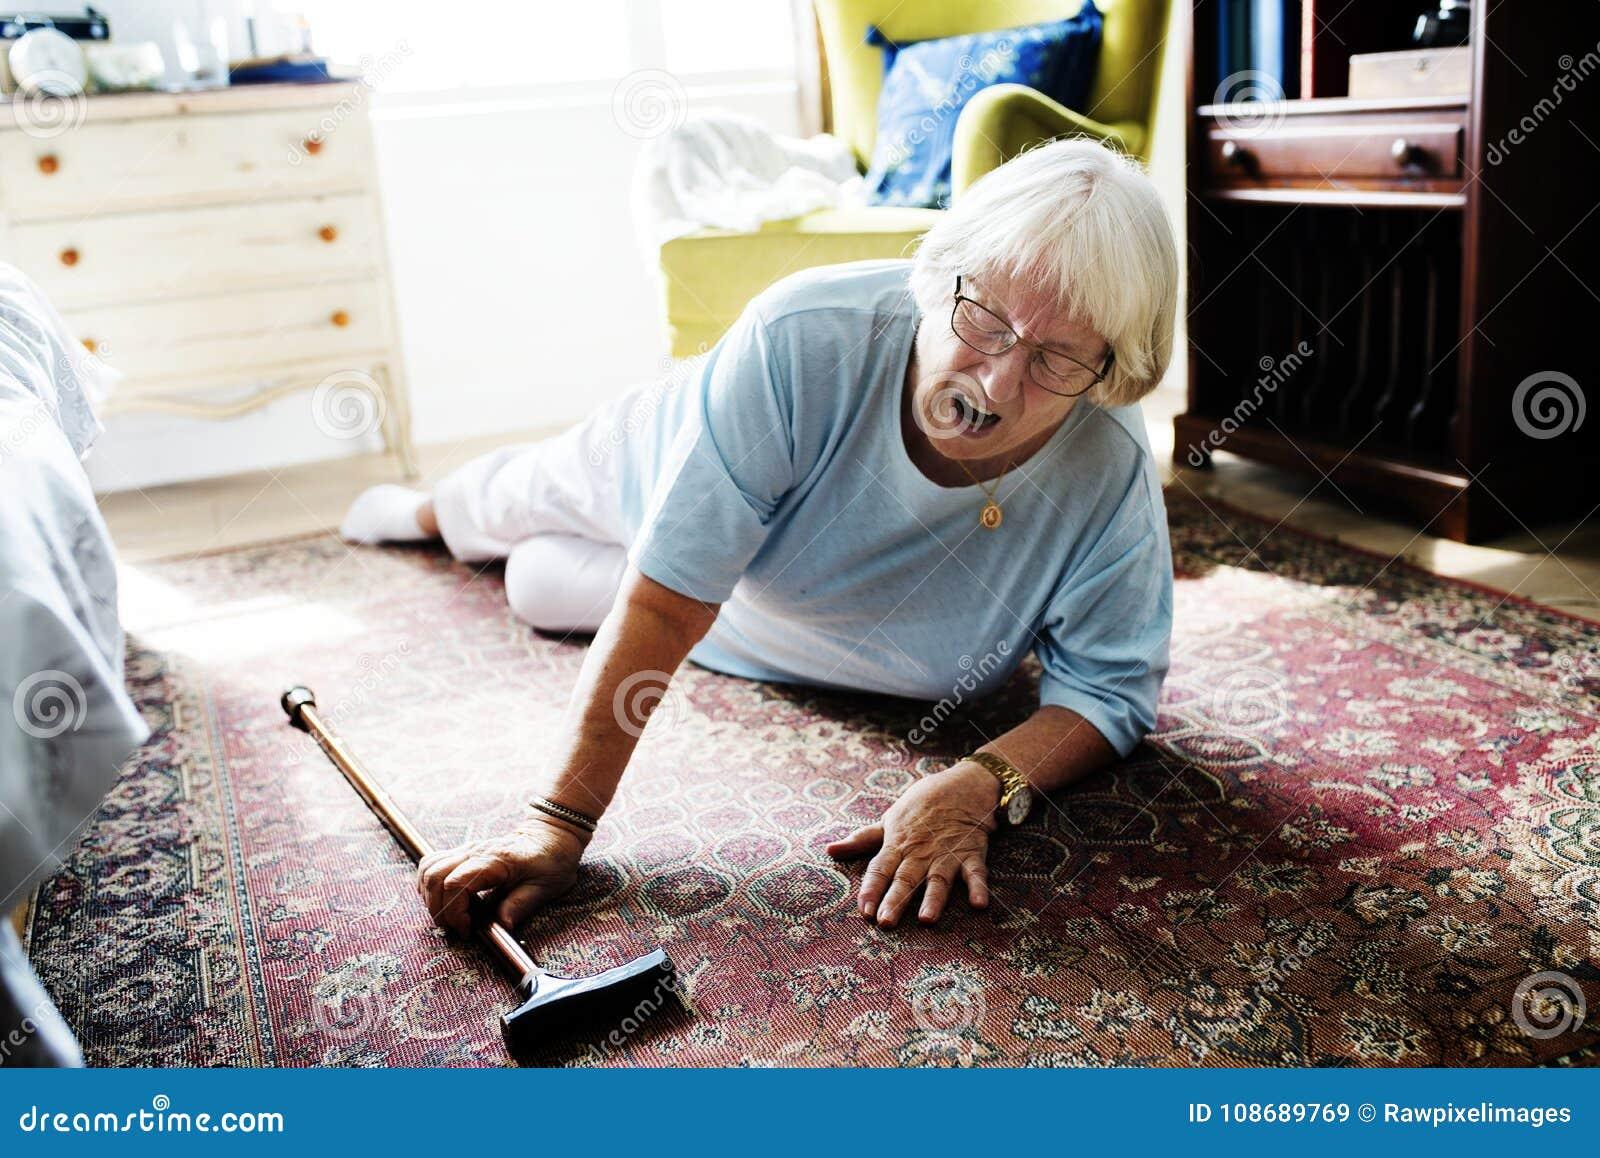 Пожилая женщина упала на пол